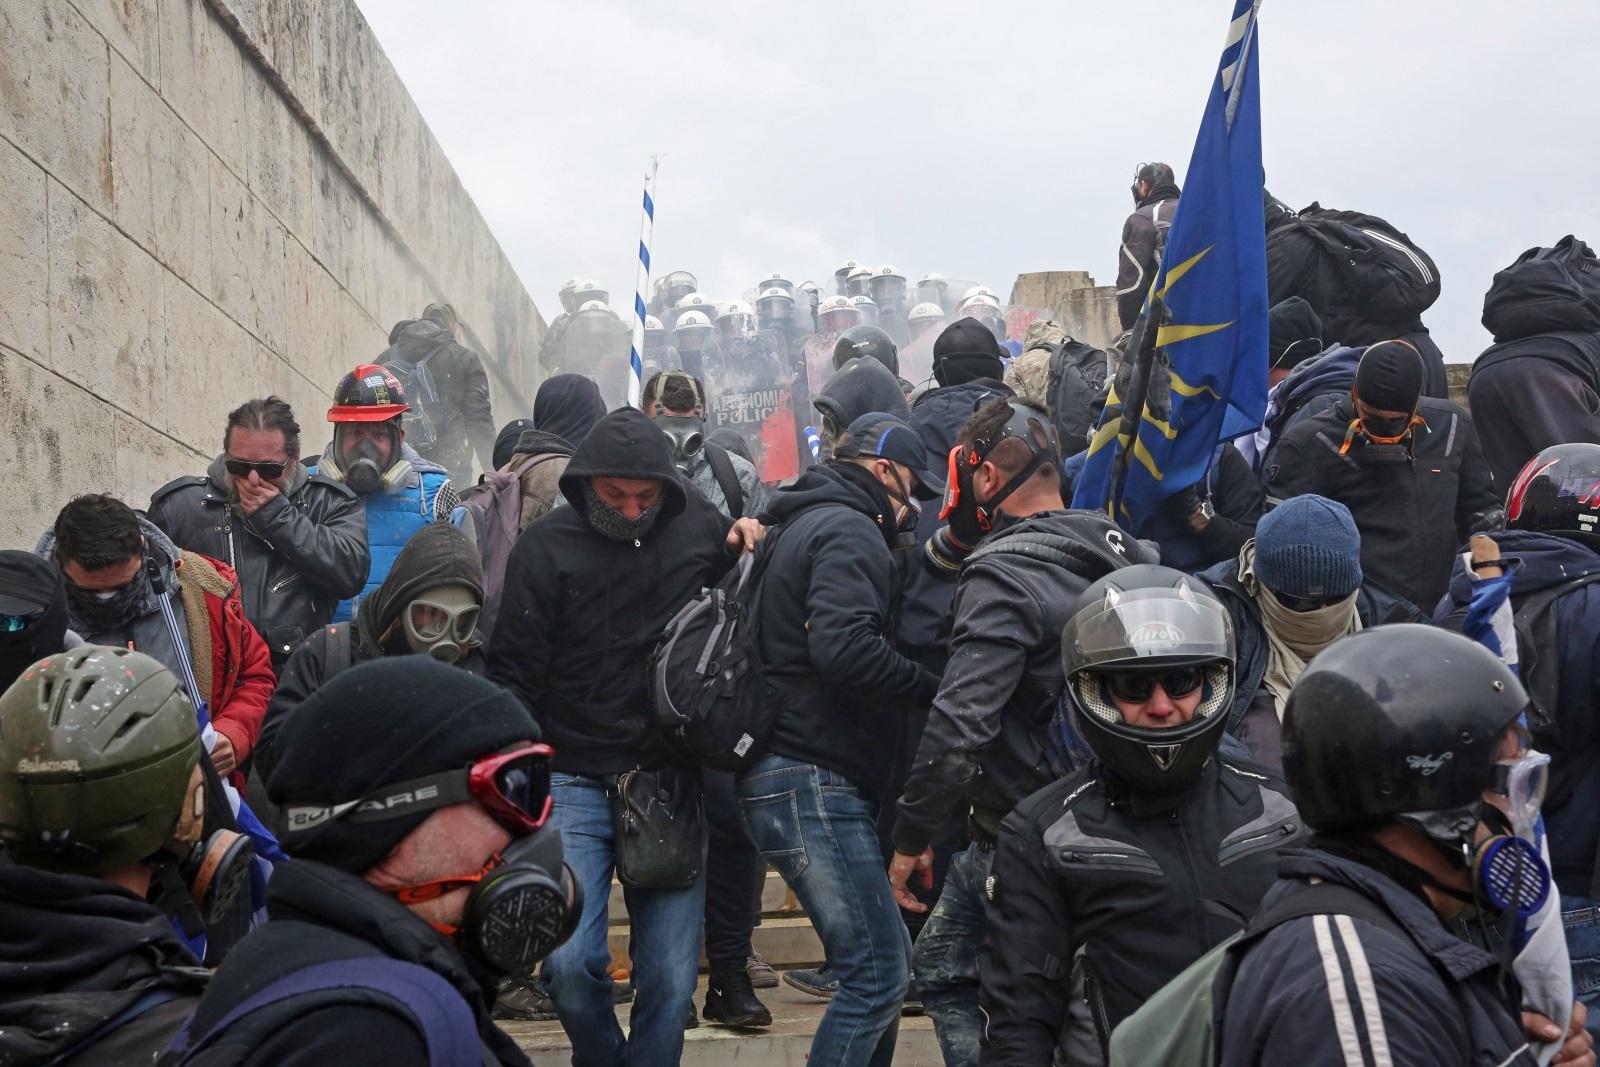 """Стотици хиляди гърци, развяващи националния флаг, изпълниха площад """"Синтагма"""" и околните улици в самото сърце на гръцката столица в знак на протест срещу ратификацията на подписания през миналата година Договор от Преспа, с който беше сложен край на продължилия 27 години спор между Атина и Скопие за името на Македония."""